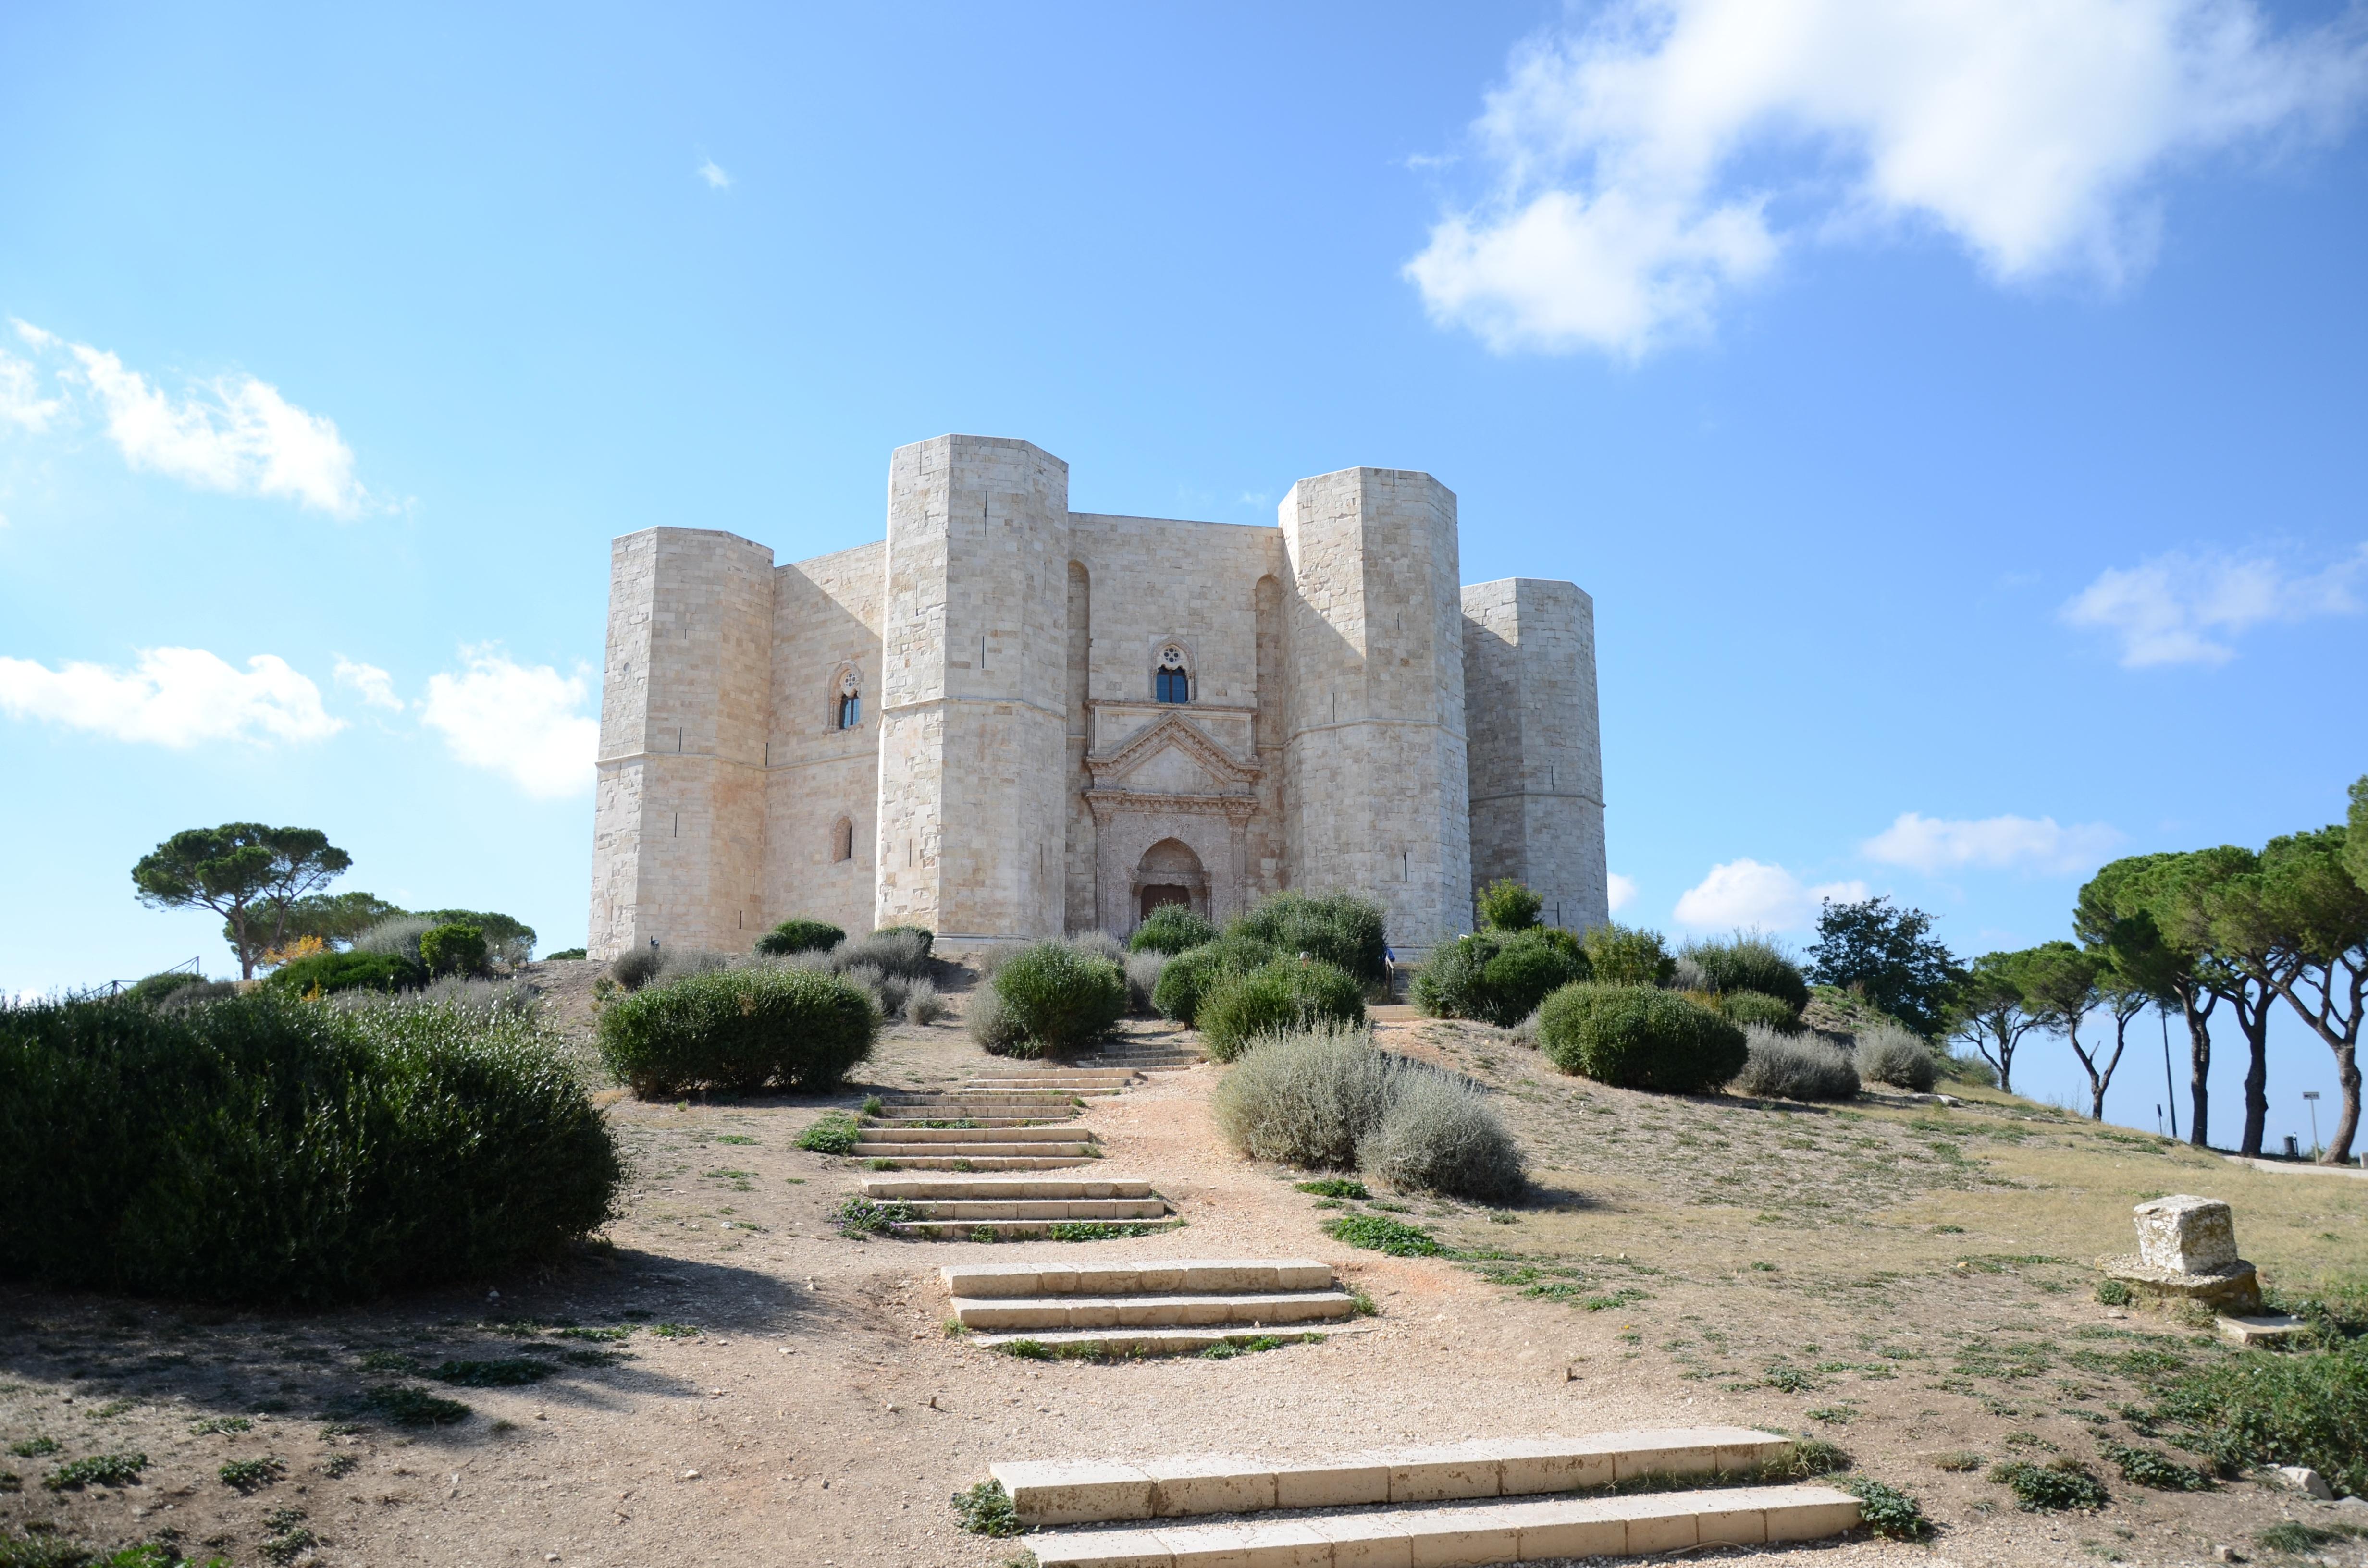 General 4928x3264 Puglia castle Castel del Monte Italy landscape